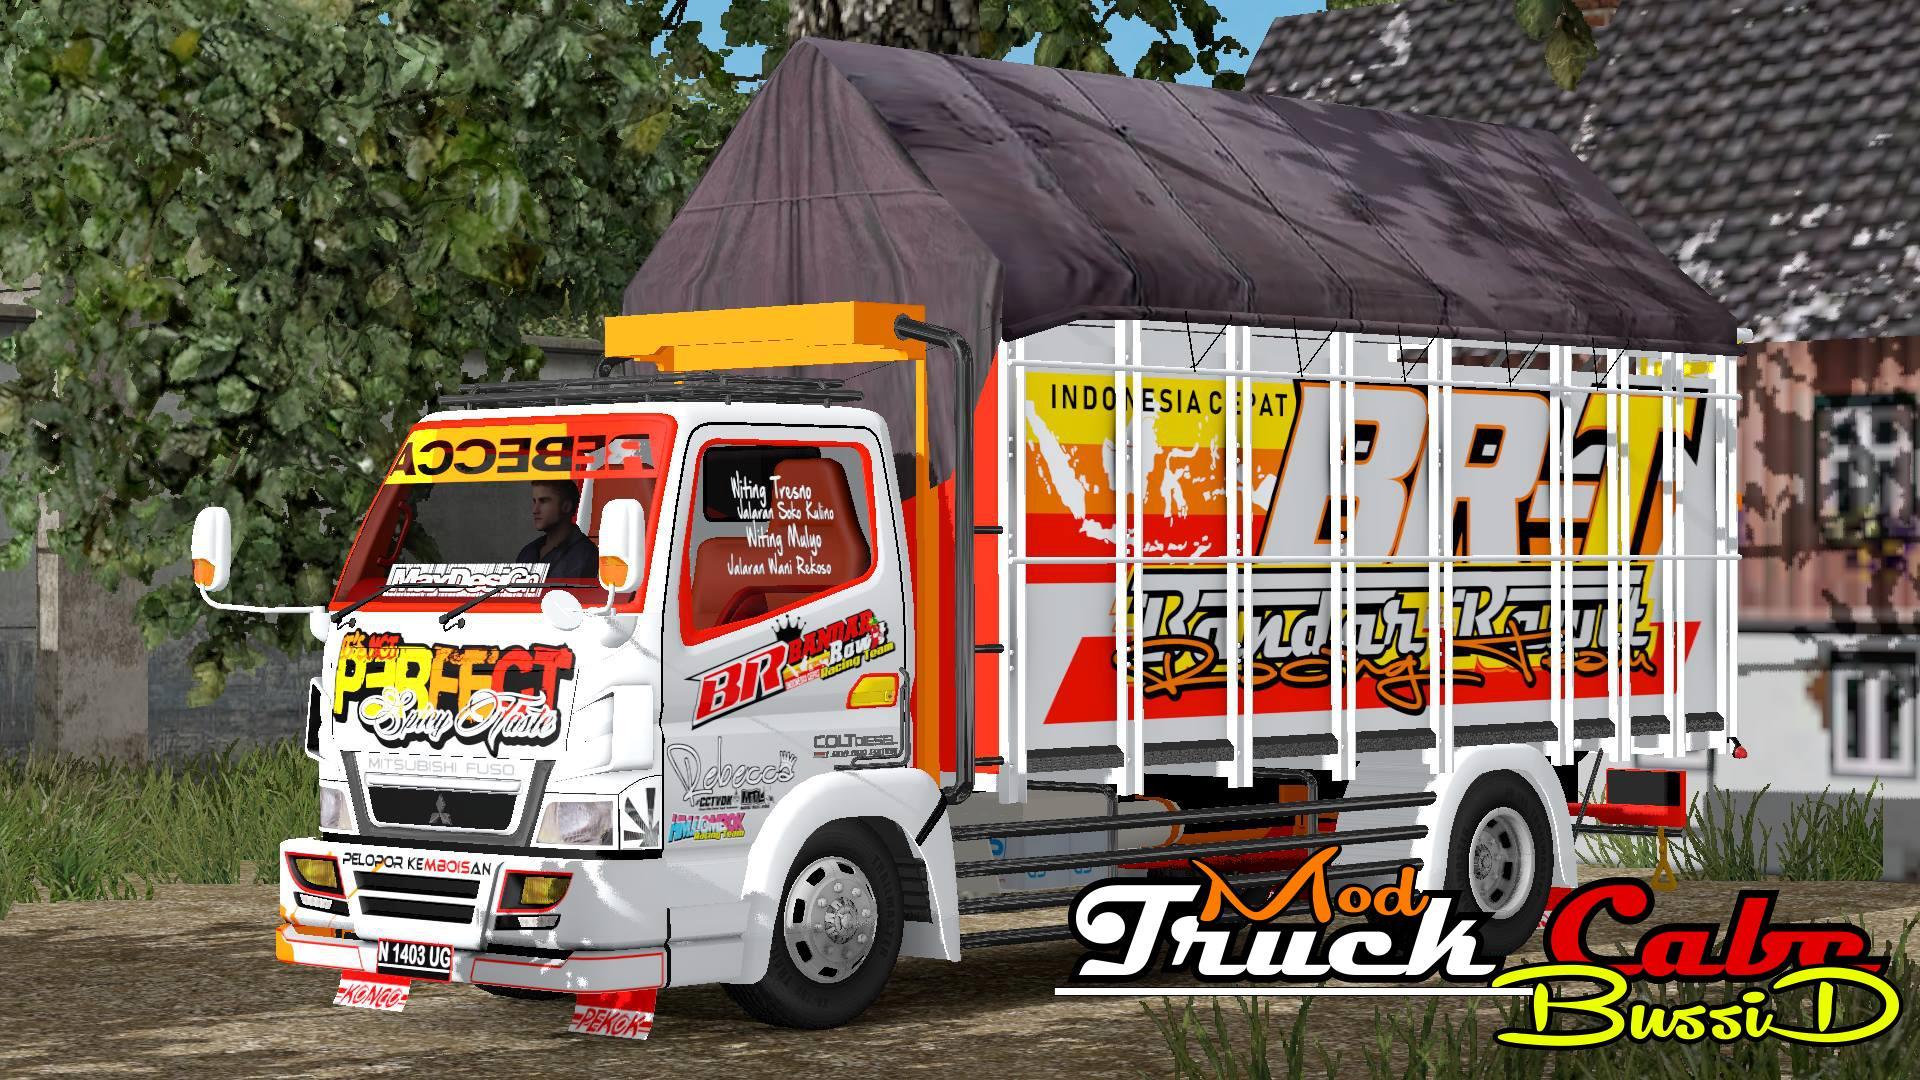 6600 Koleksi Modif Mobil Truk Pasir Gratis